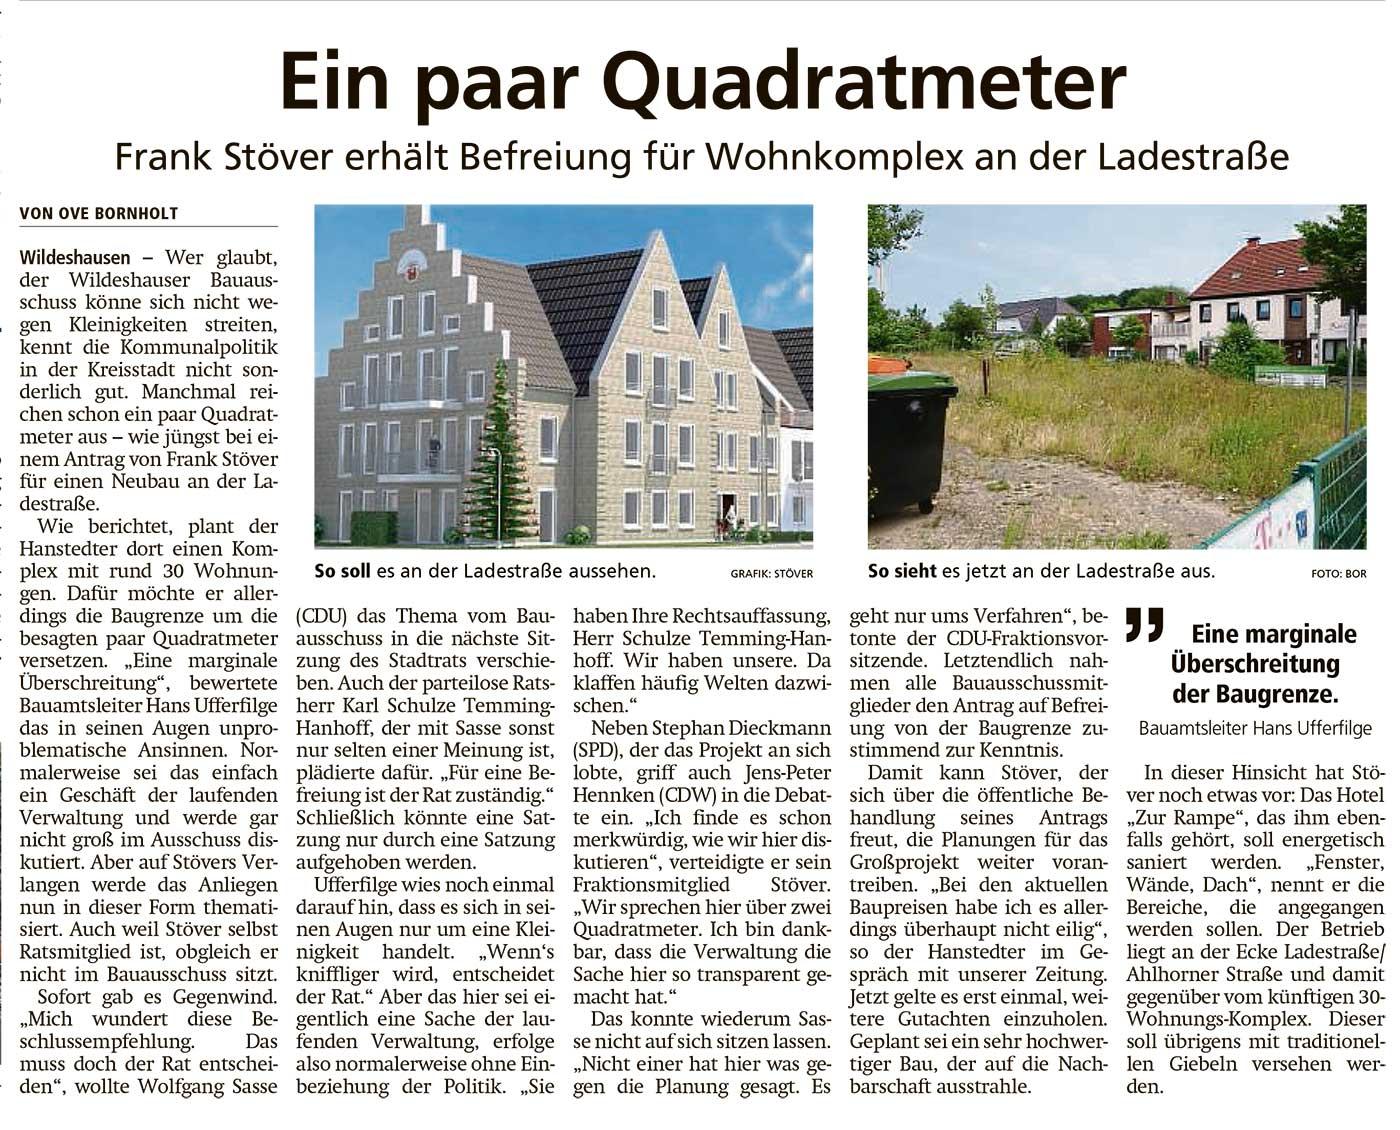 Ein paar QuadratmeterFrank Stöver erhält Befreiung für Wohnkomplex an der LadestraßeArtikel vom 29.06.2021 (WZ)